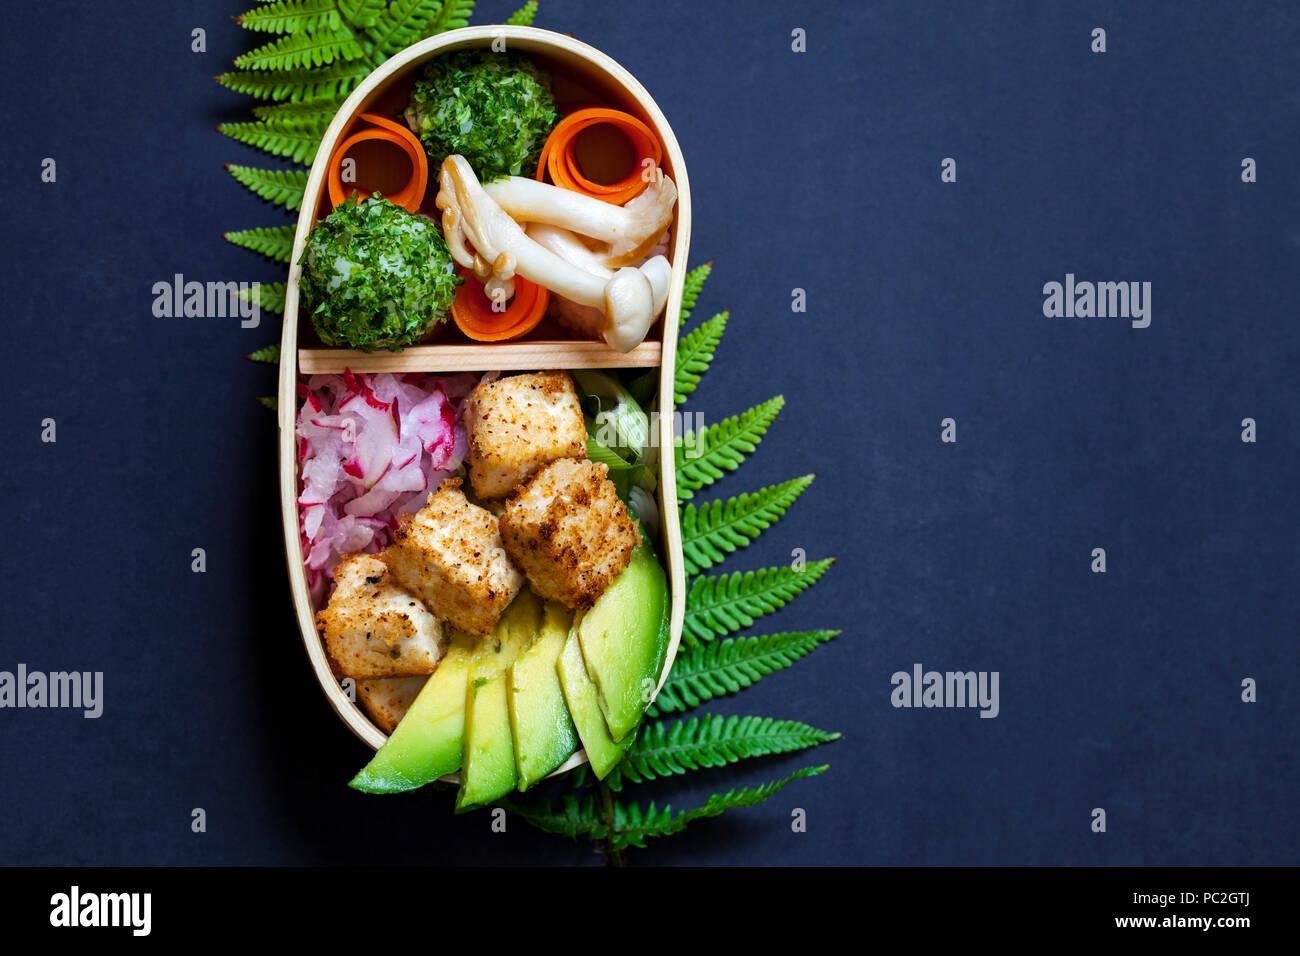 Japanese bento box lunch withg mushrooms, onigiri and tofu - Stock Image